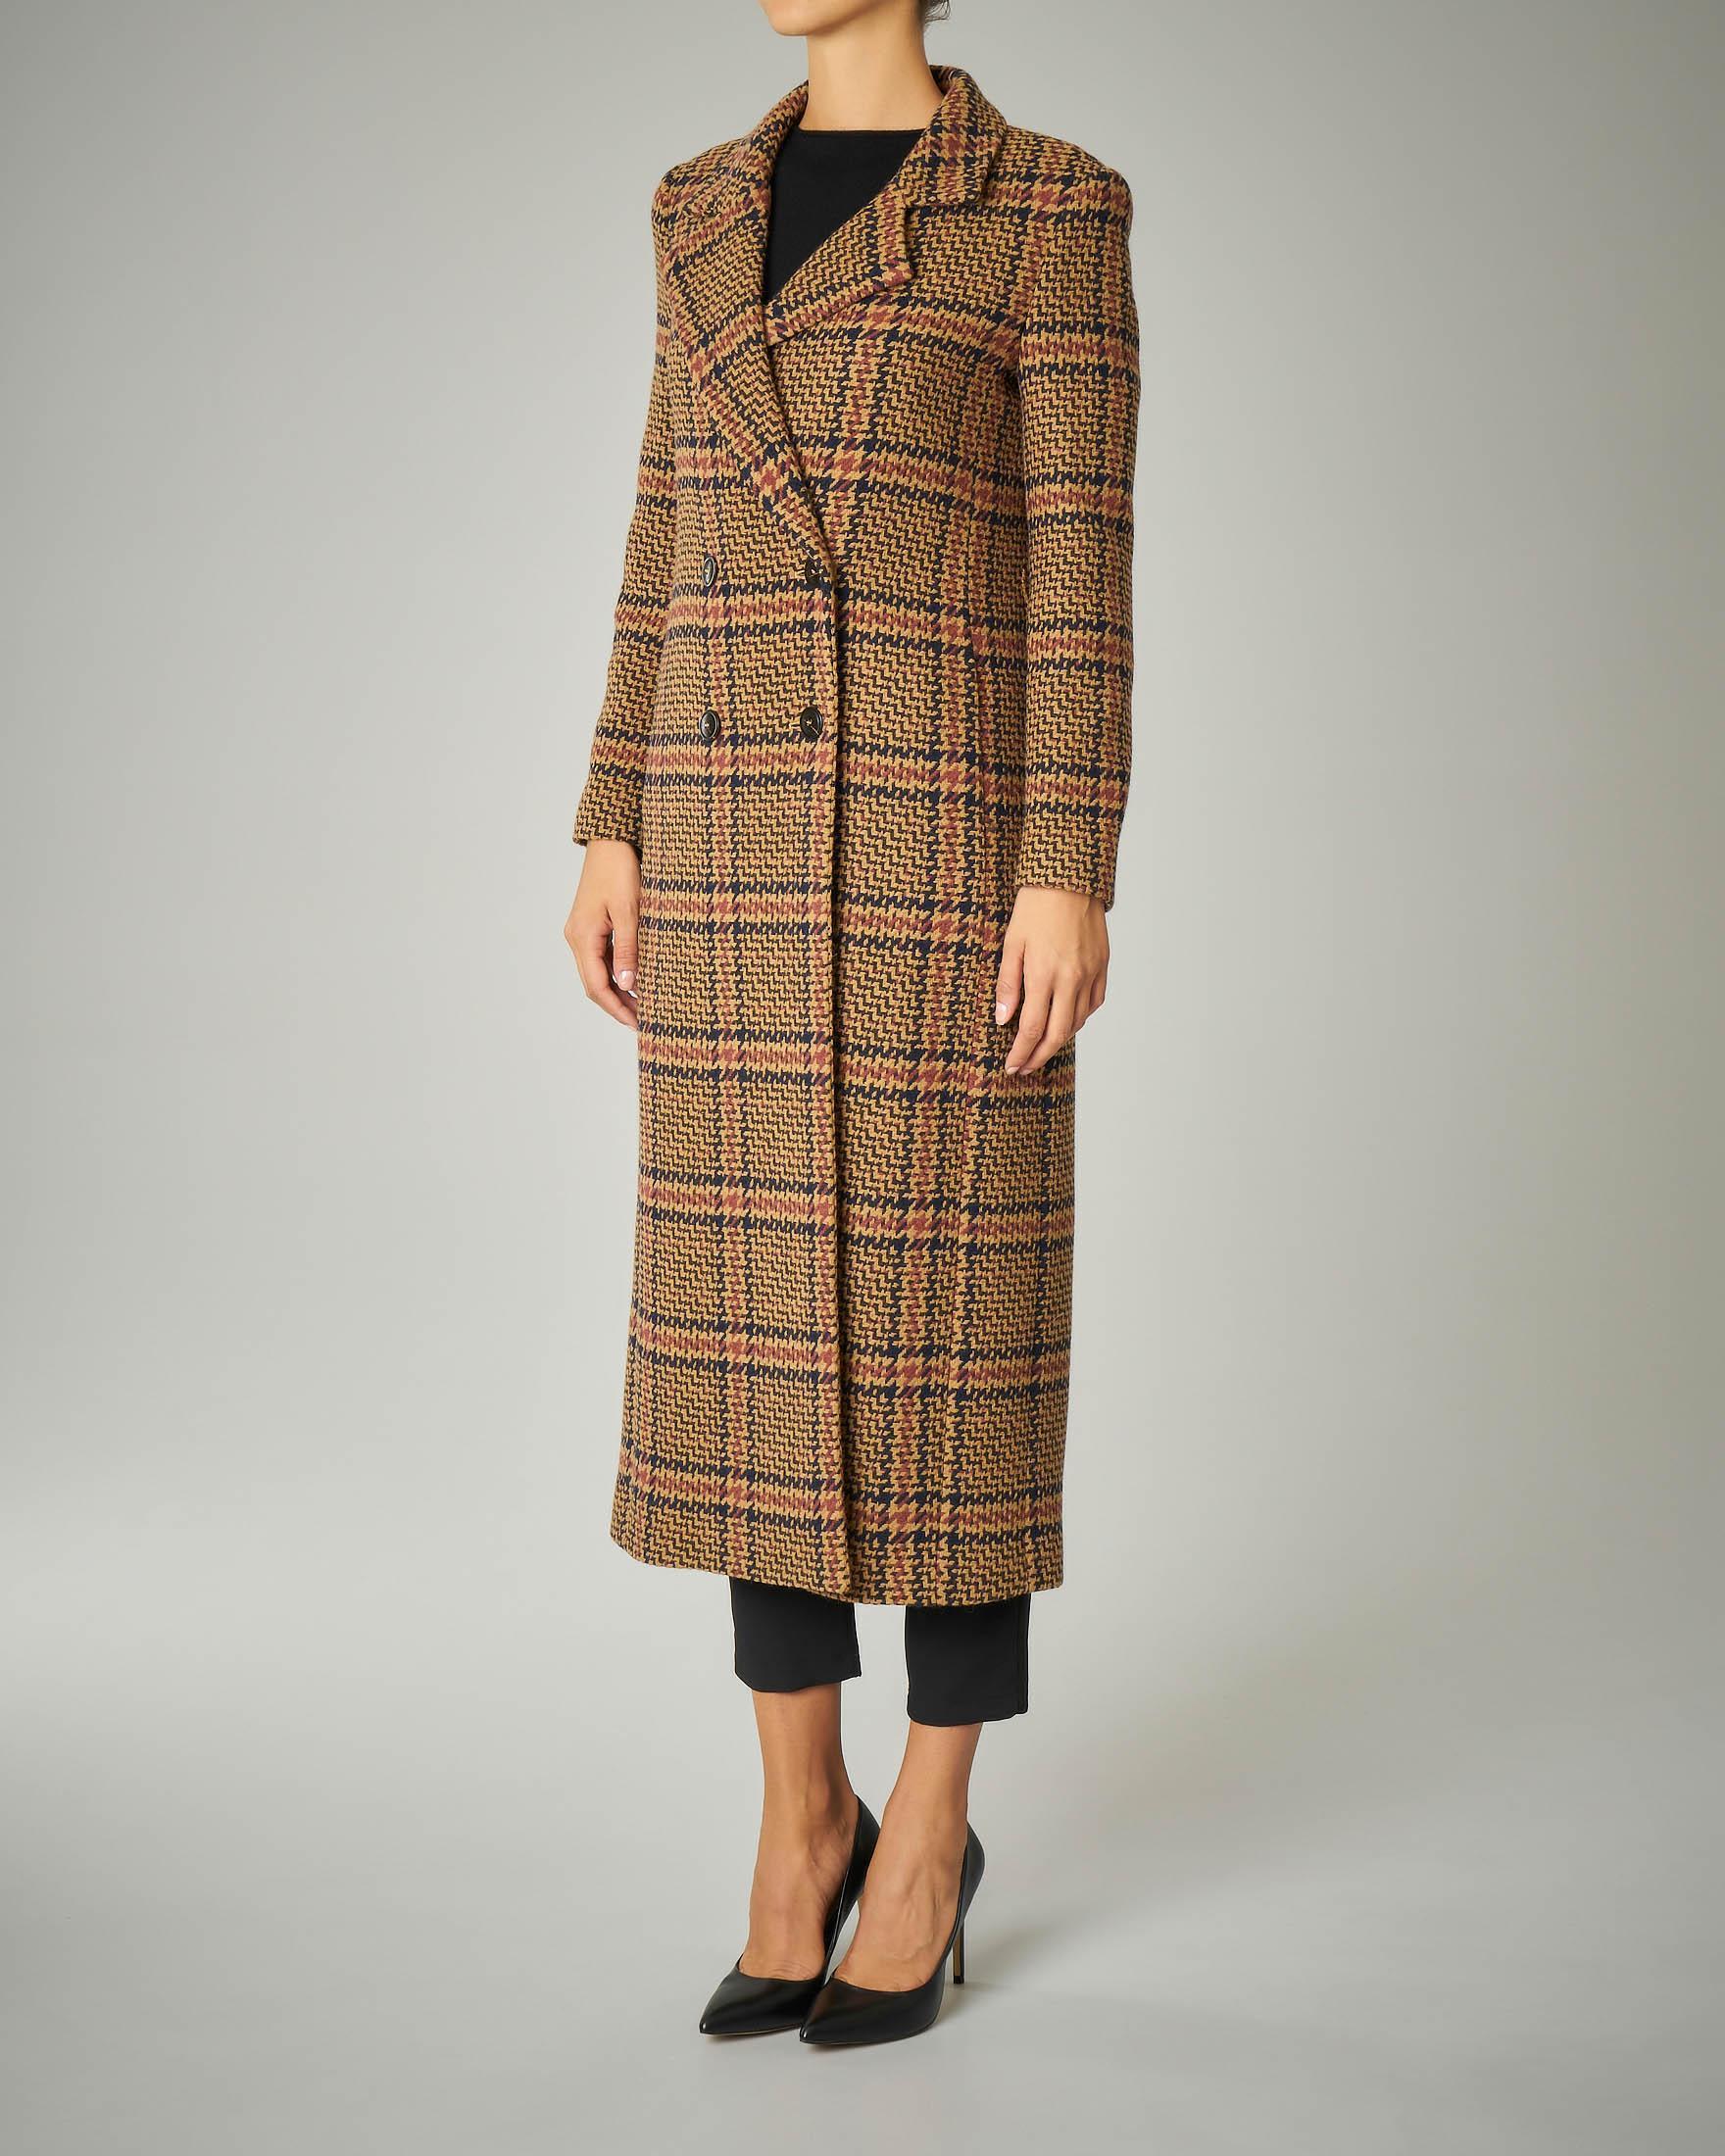 Cappotto lungo in misto lana fantasia check doppiopetto